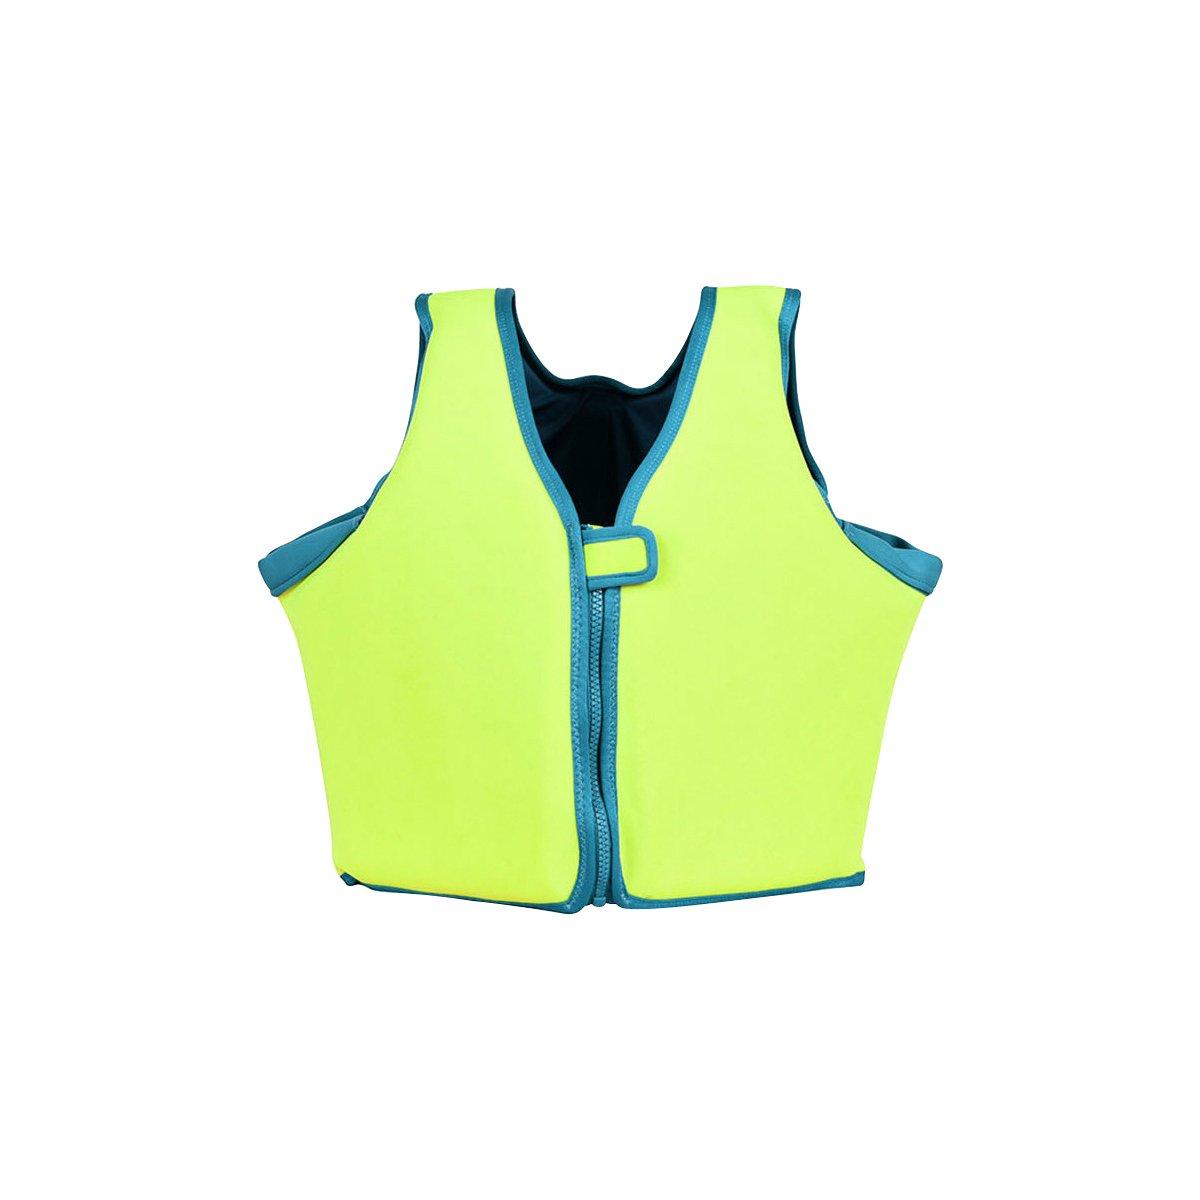 Cyberone EPEパールコットンSwim Vest Driftジャケットフロータfor Infantsベビー子供とYouth 0 – 12年古いポータブル厚ソフト浮力安全 蛍光緑 Large